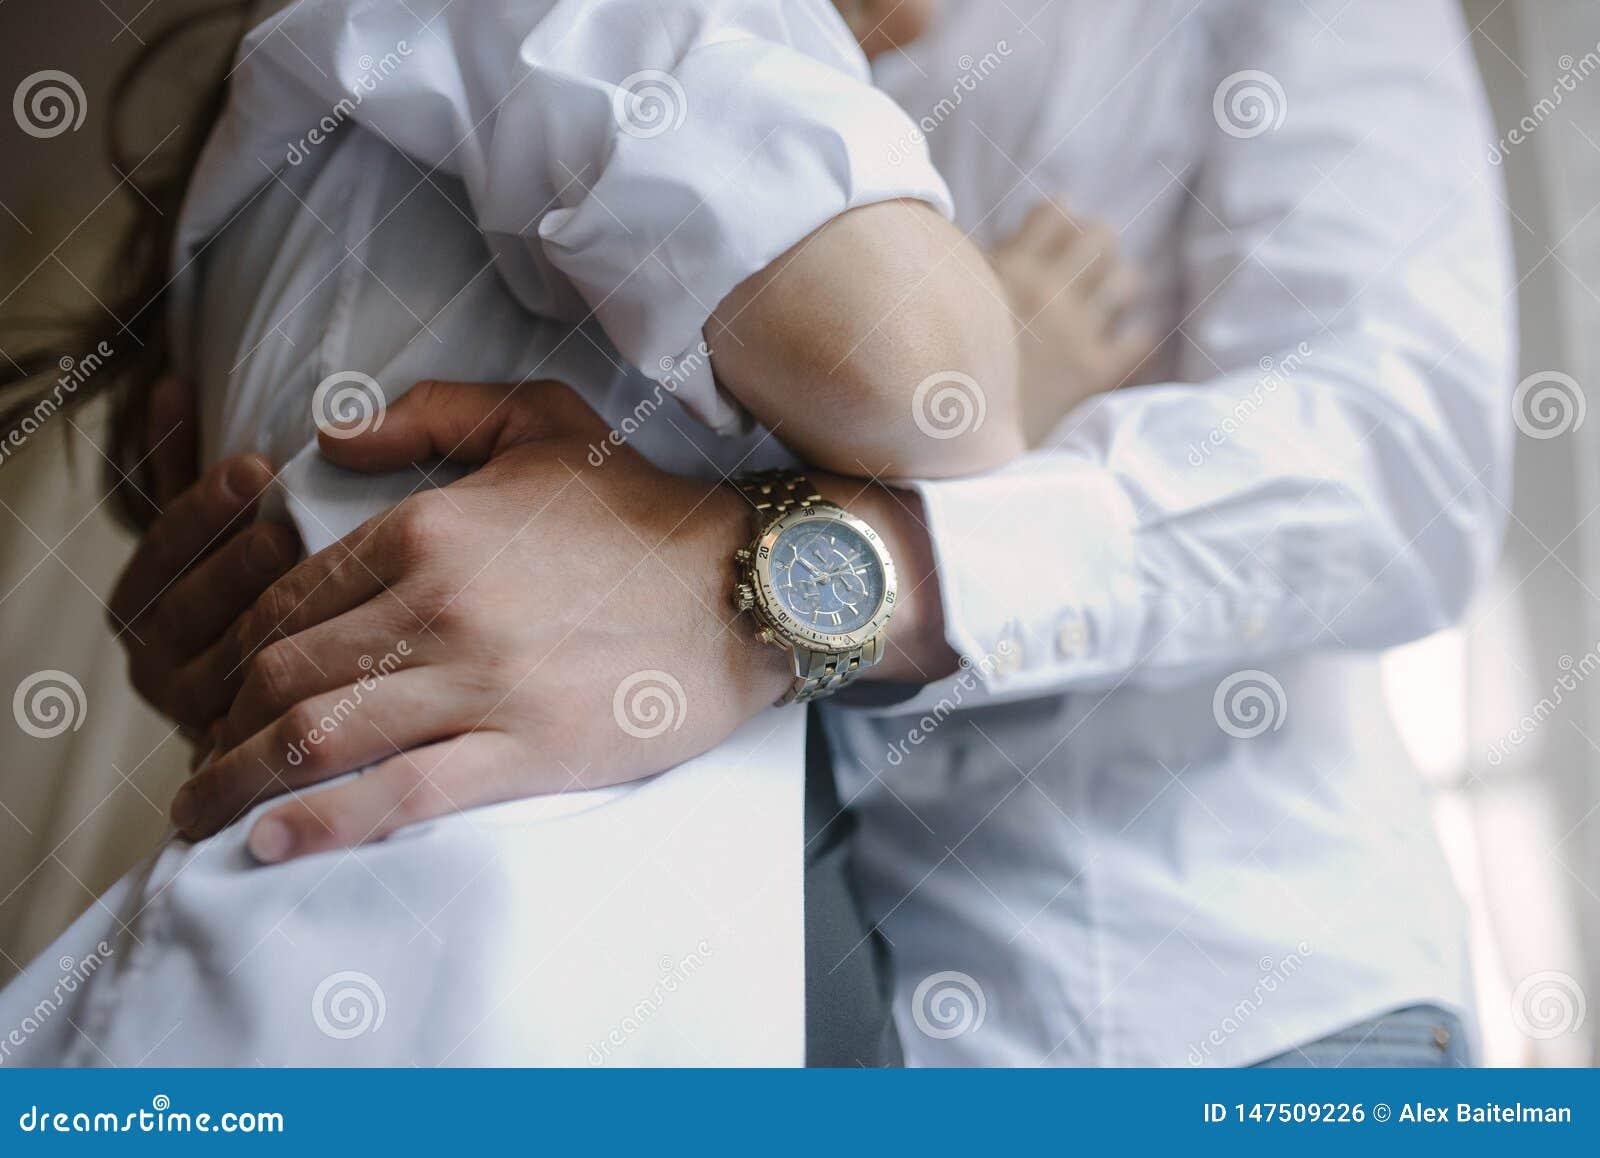 Ο νεόνυμφος σε ένα κοστούμι αγκαλιάζει τη νύφη σε ένα γαμήλιο φόρεμα